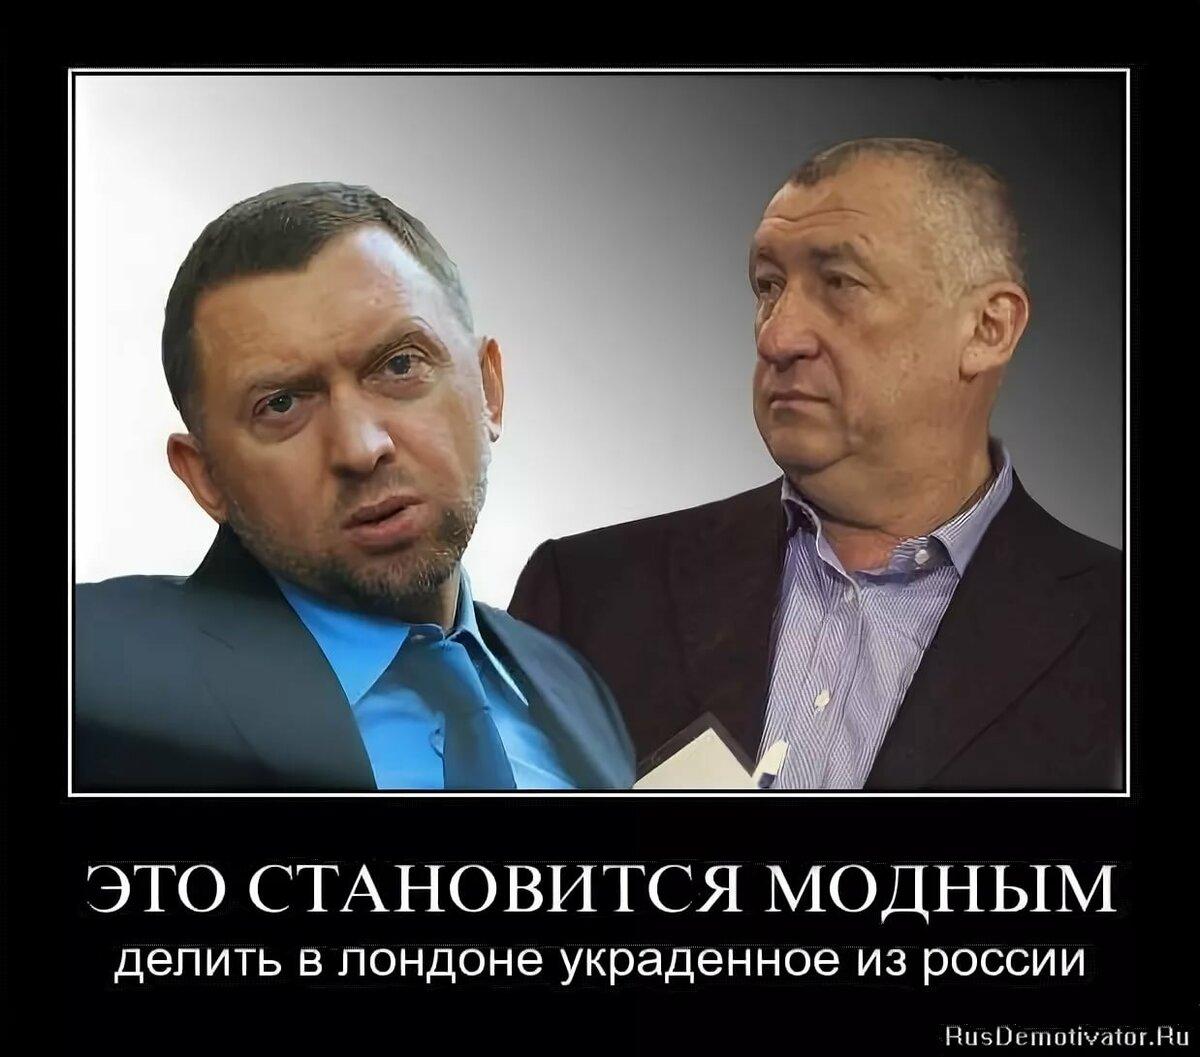 Элита россии демотиваторы